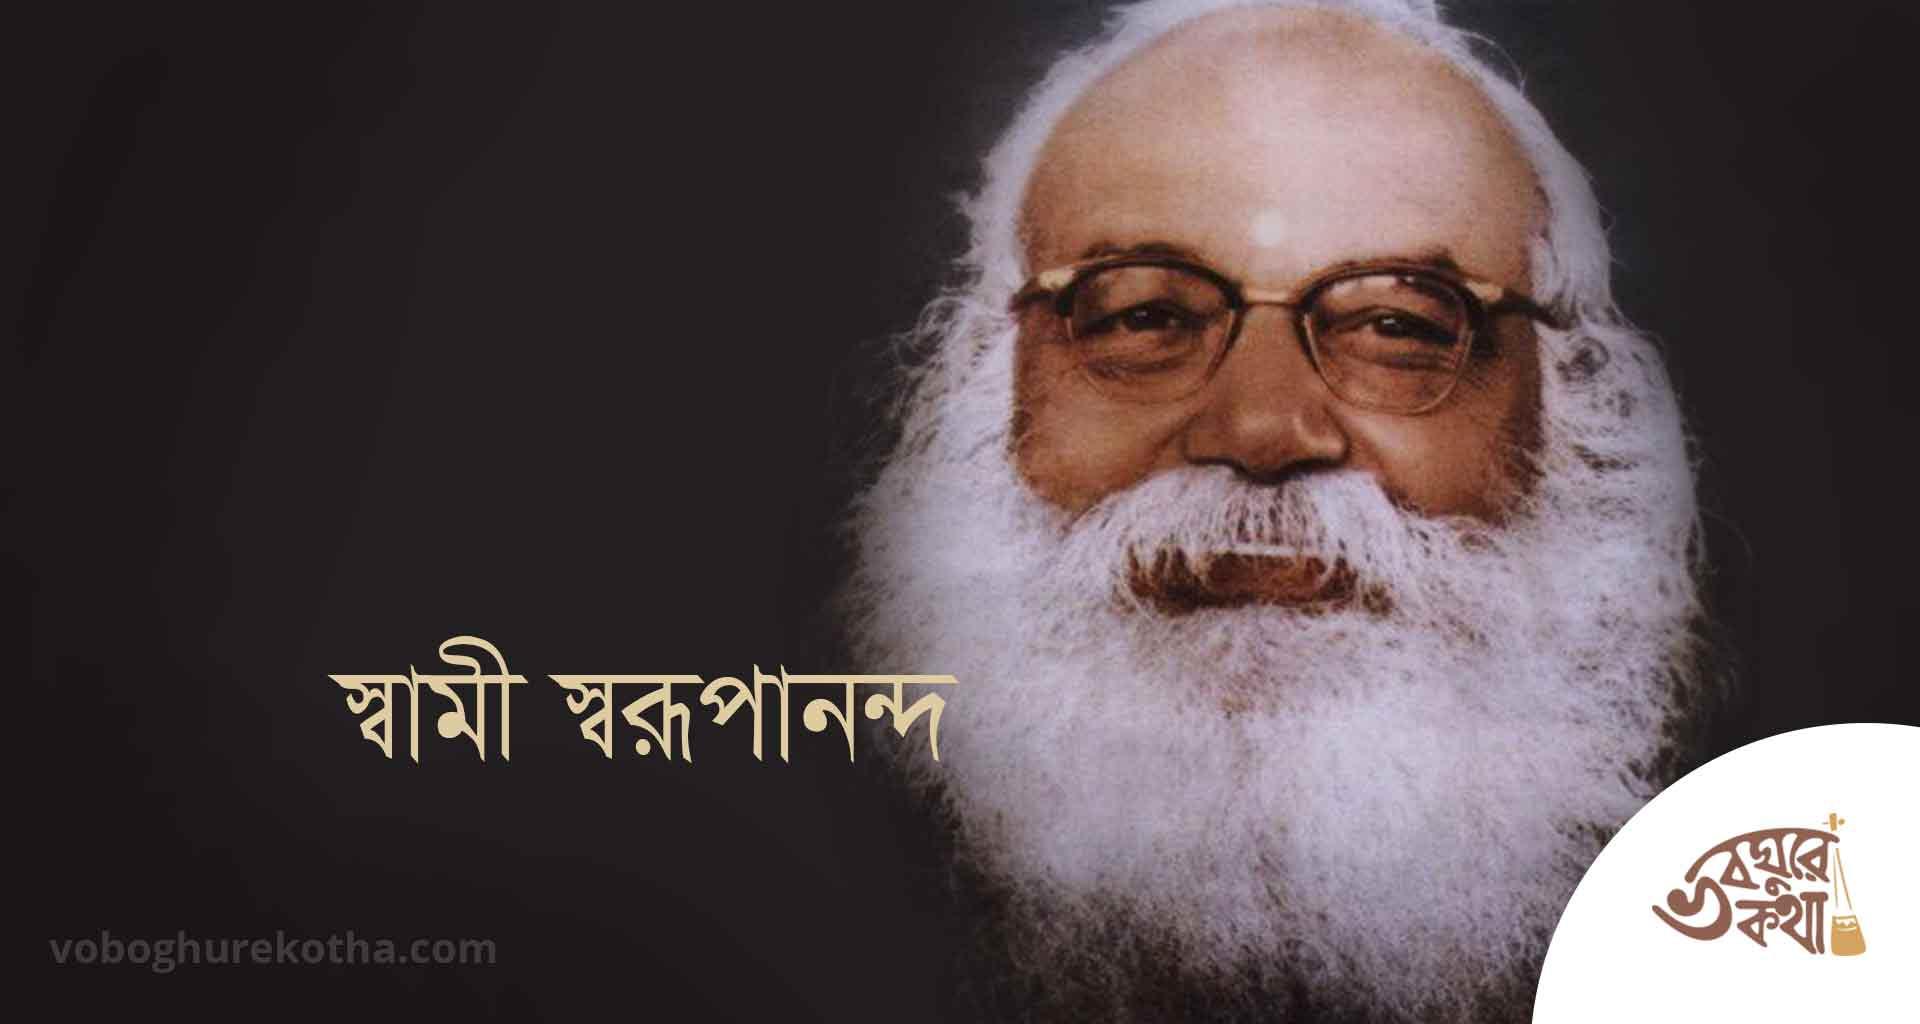 স্বামী স্বরূপানান্দ